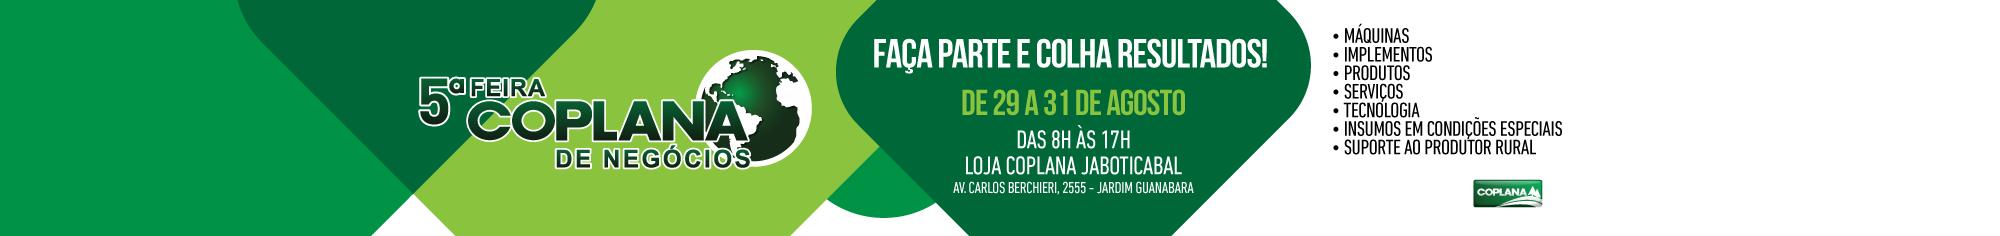 5feiraCoplana